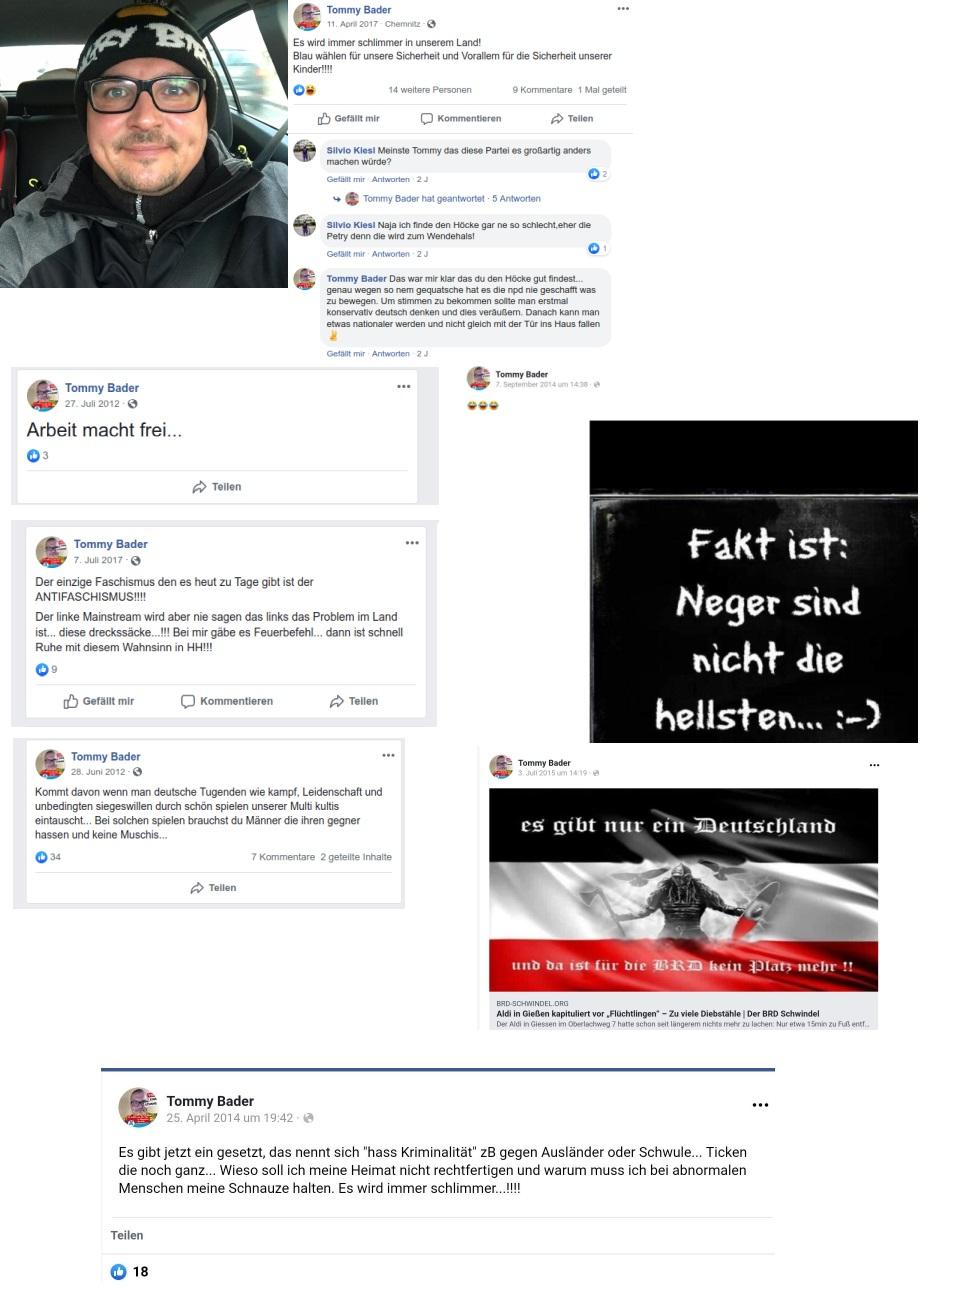 Tommy Bader und seine neonazistischen Facebook-Posts